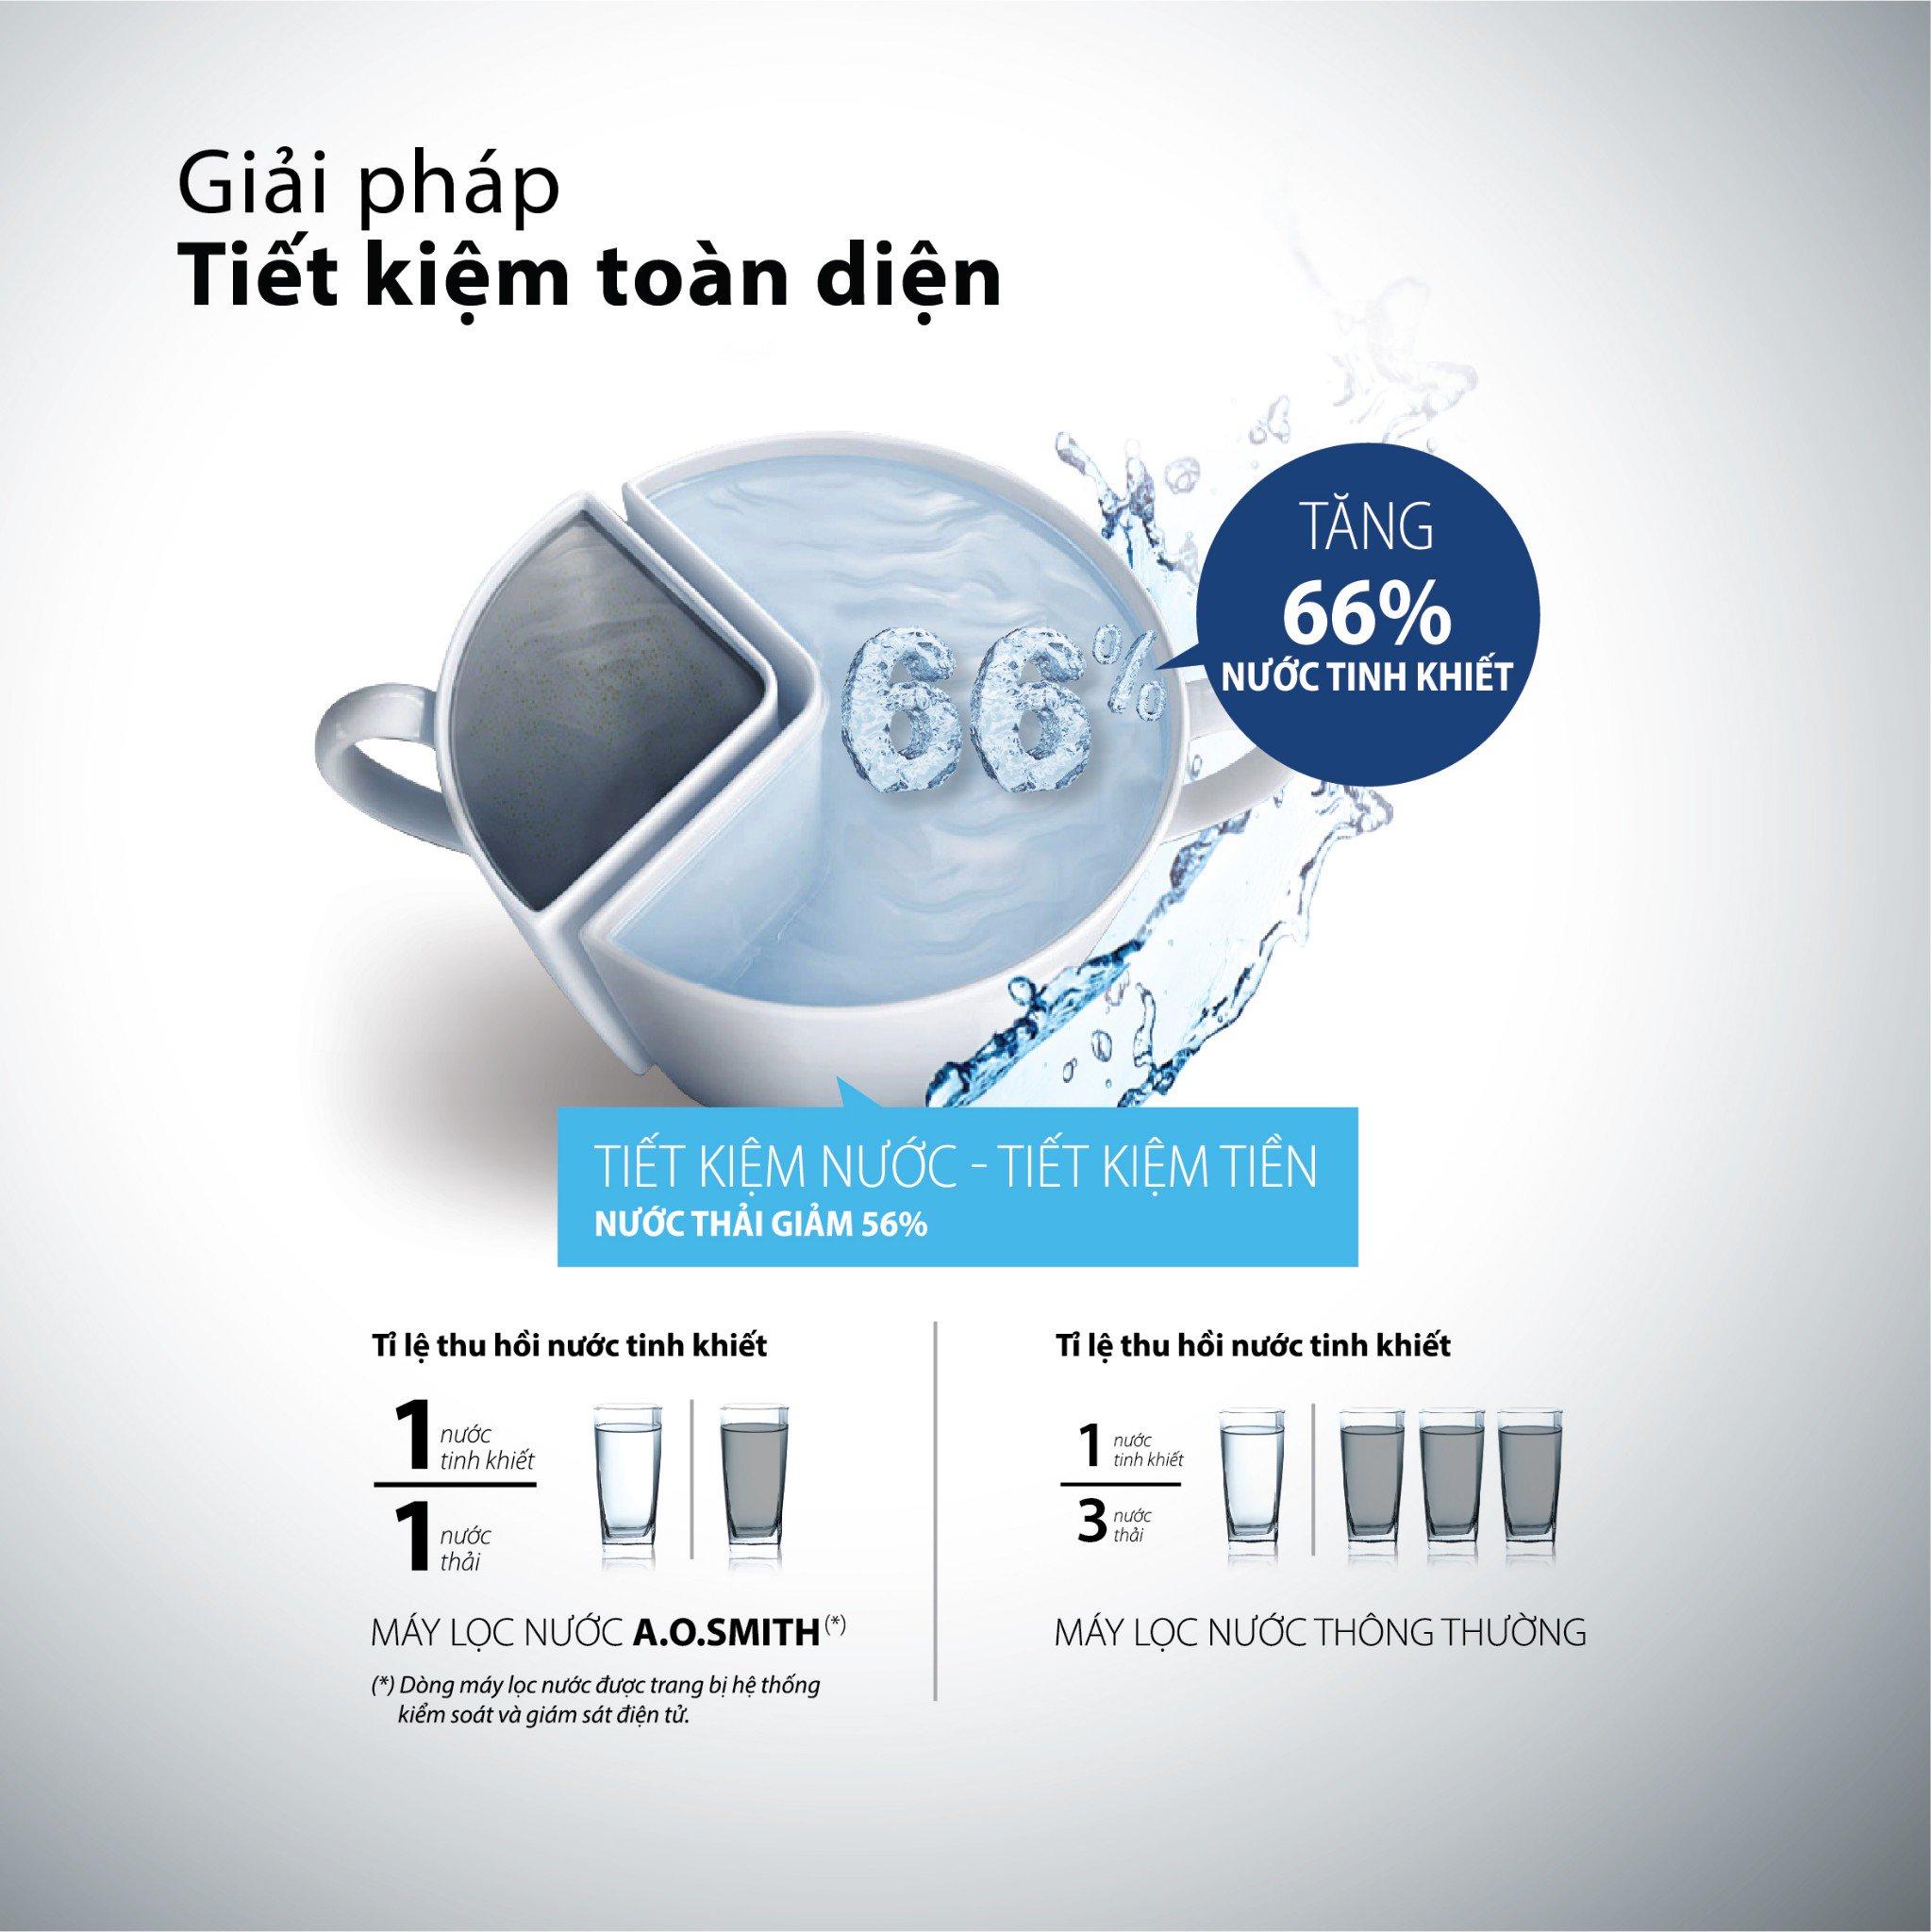 k400 up web 10 4b454d36305b4db994ebb51d0fb6f6de